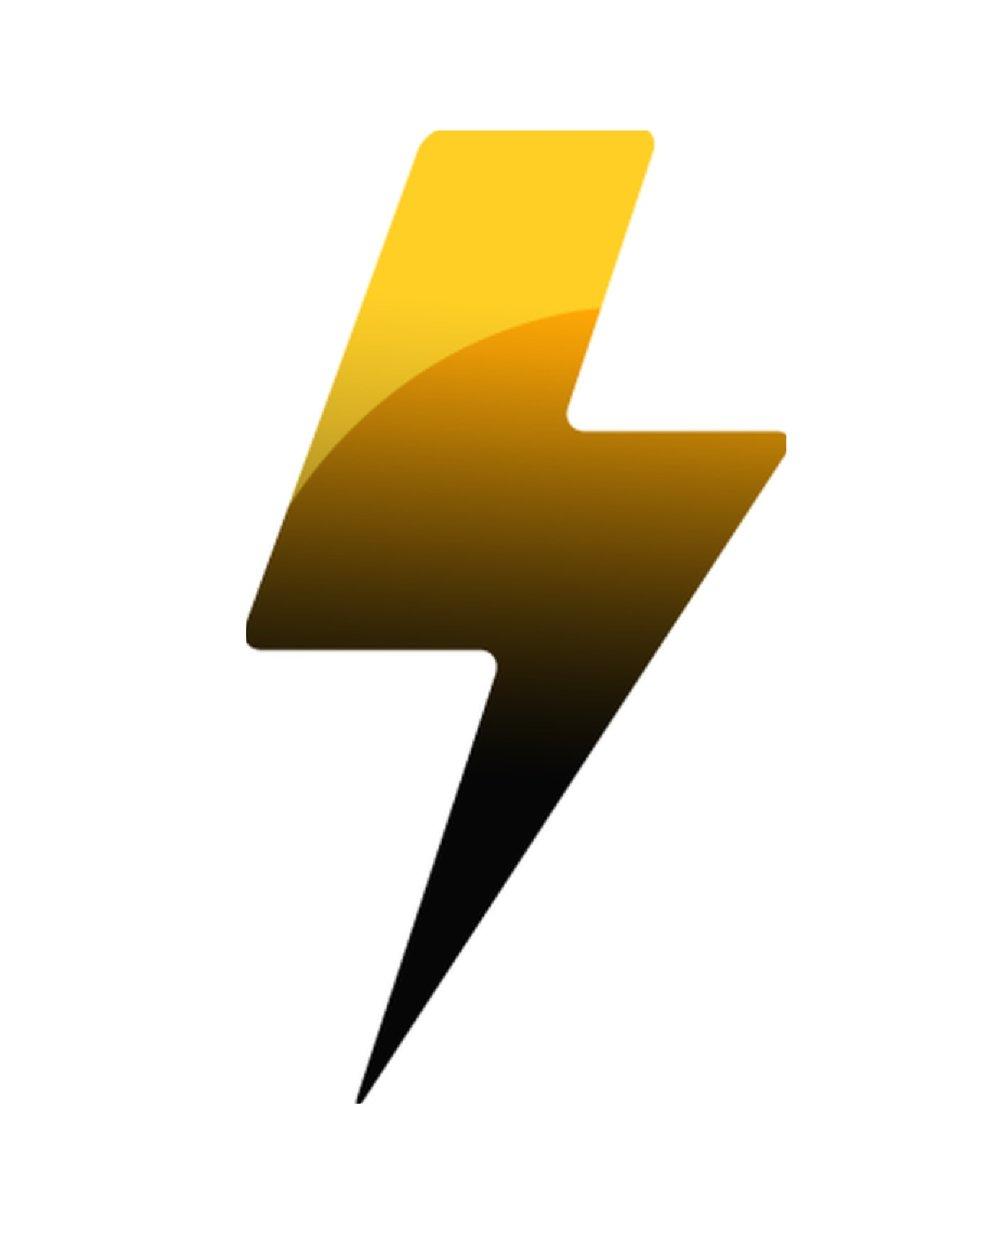 Logo conçu pour une plateforme d'informations en temps réel - Dans le logo, la foudre représente l'instantaneité et la rapidité à fournir des informations par la plateorme ainsi que le